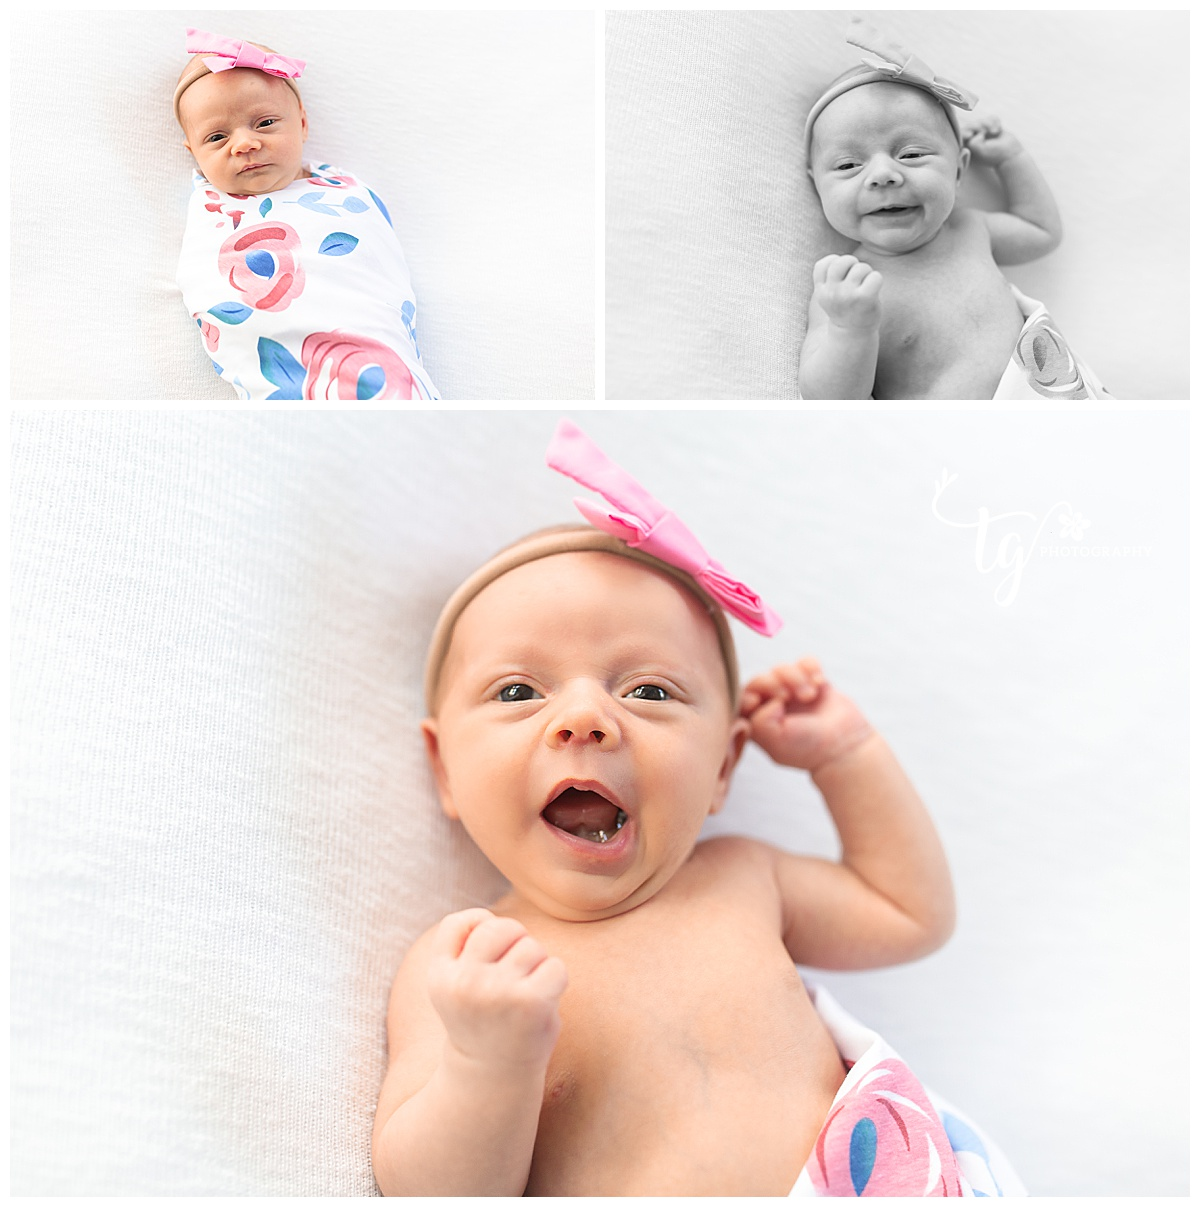 photographer for natural newborn photos